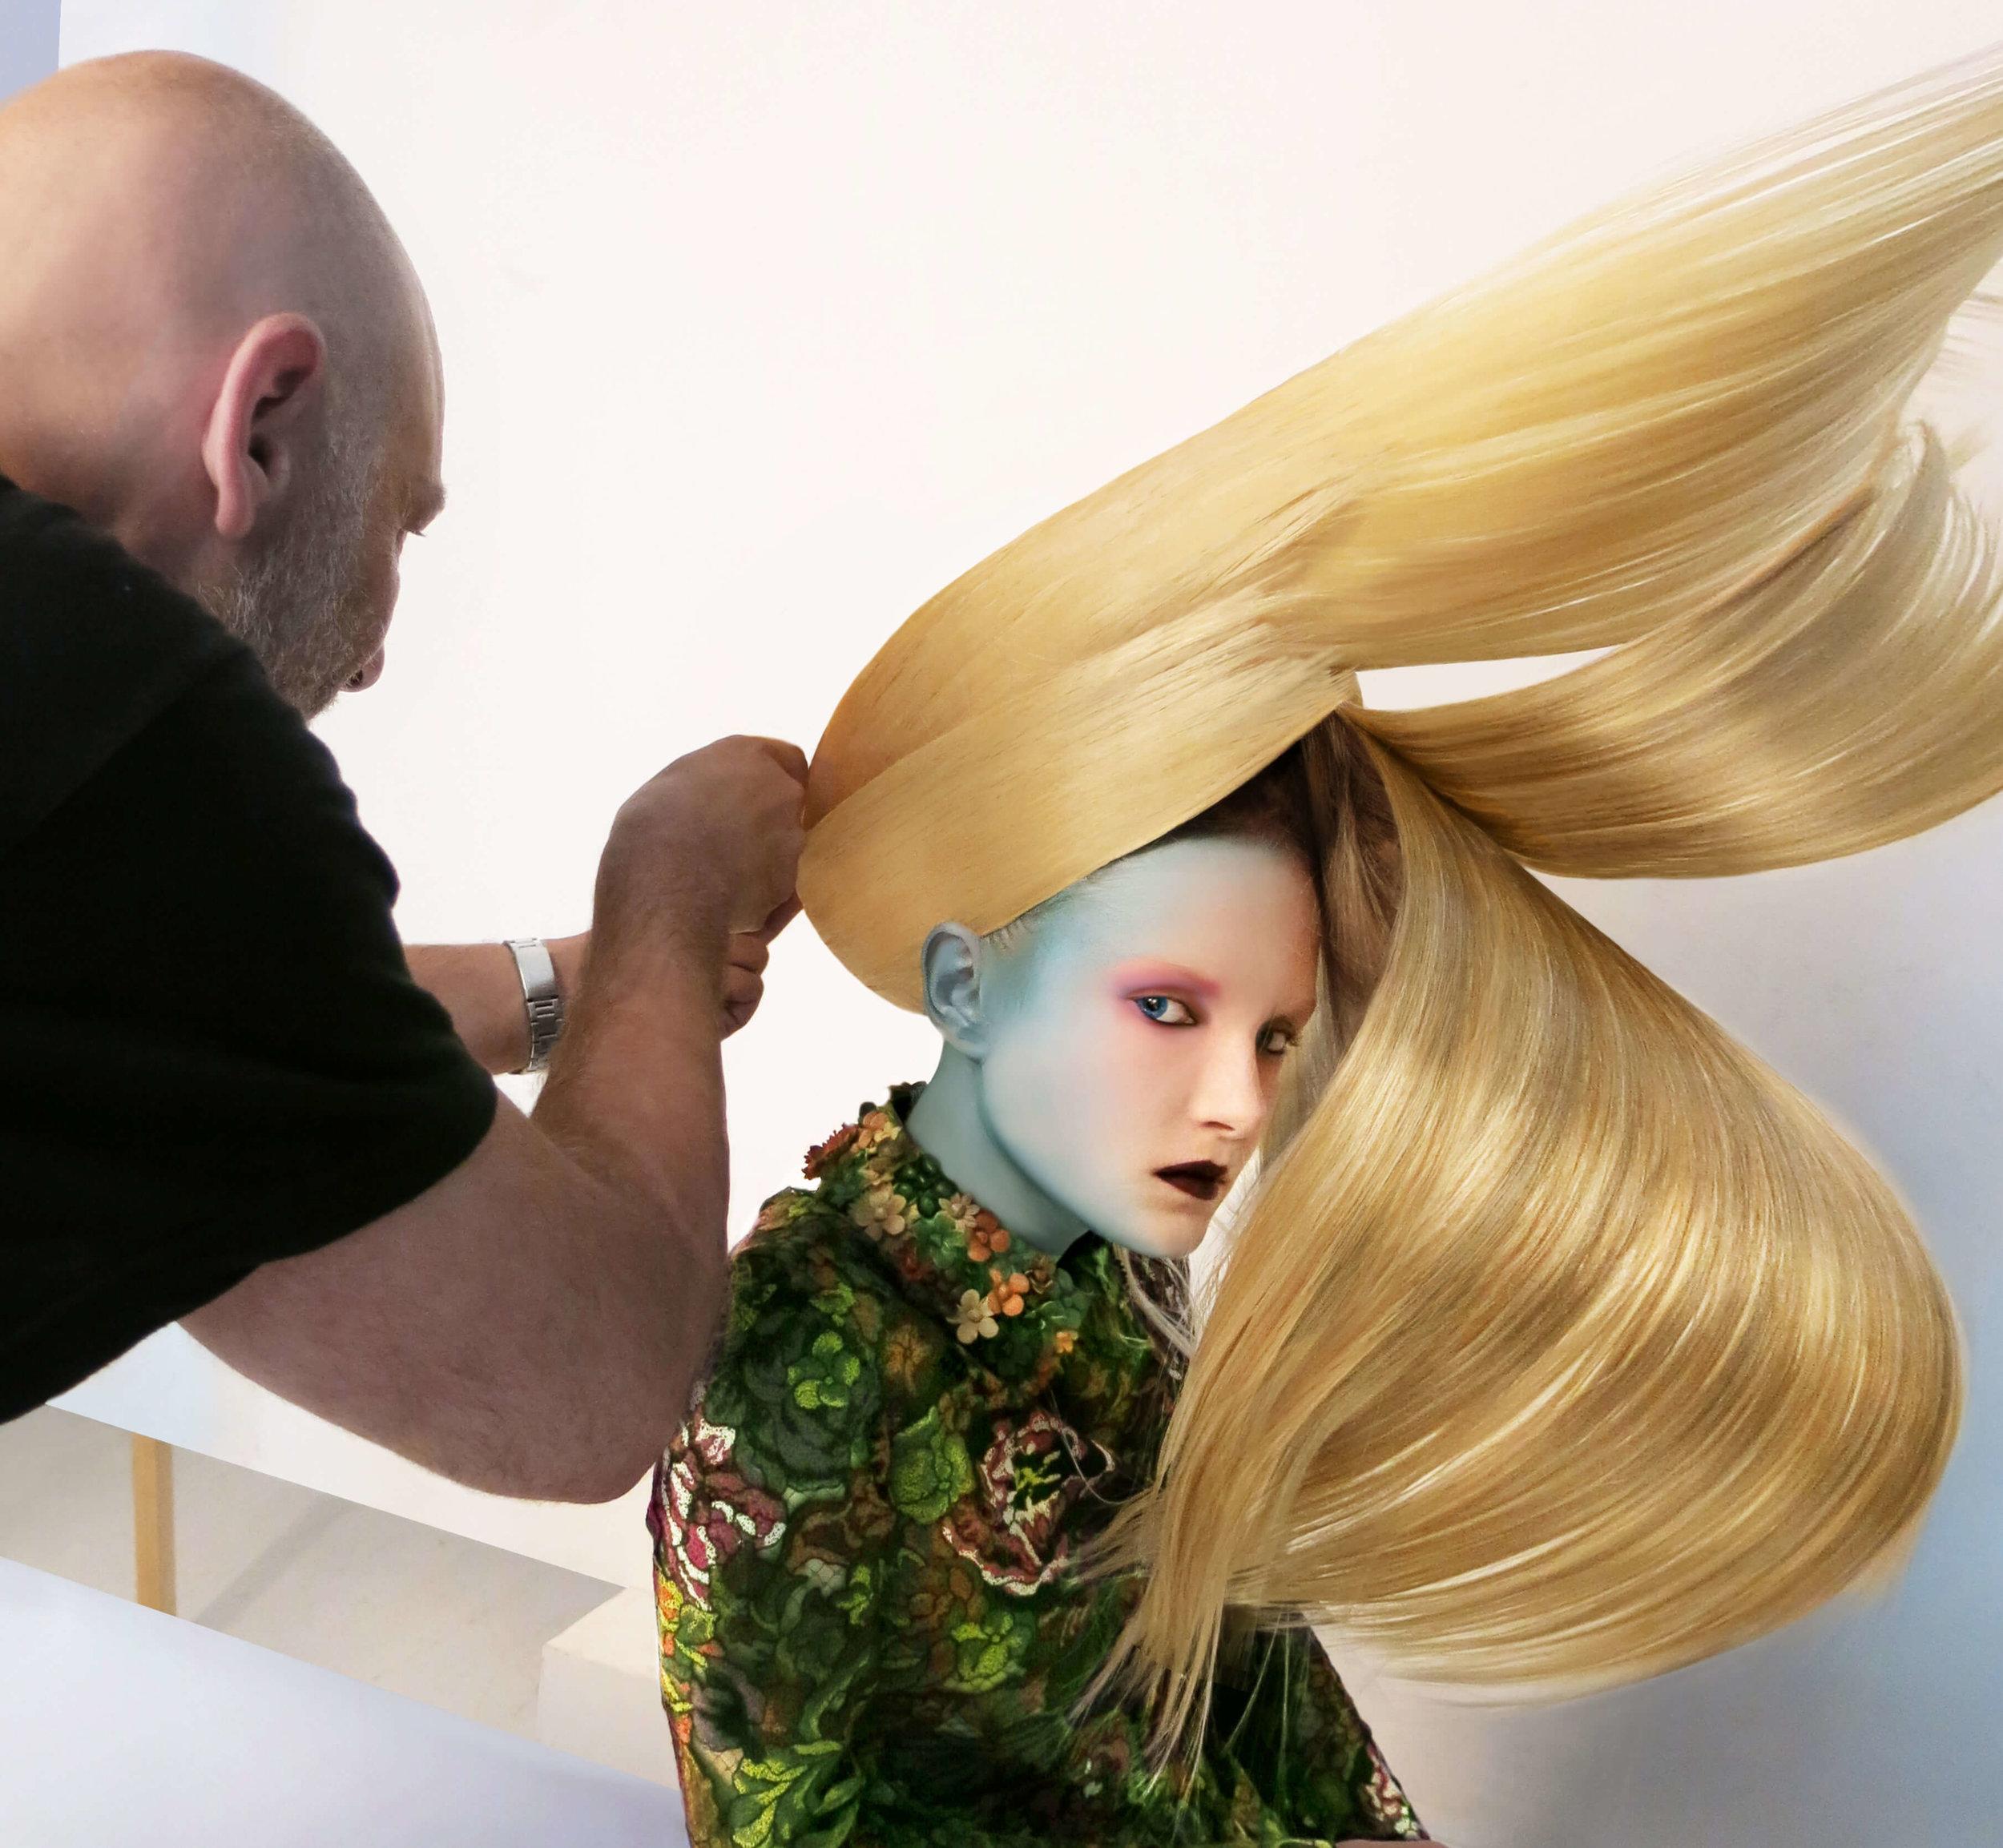 echos-coiffure-magazine-backstage-vogue-04.jpg